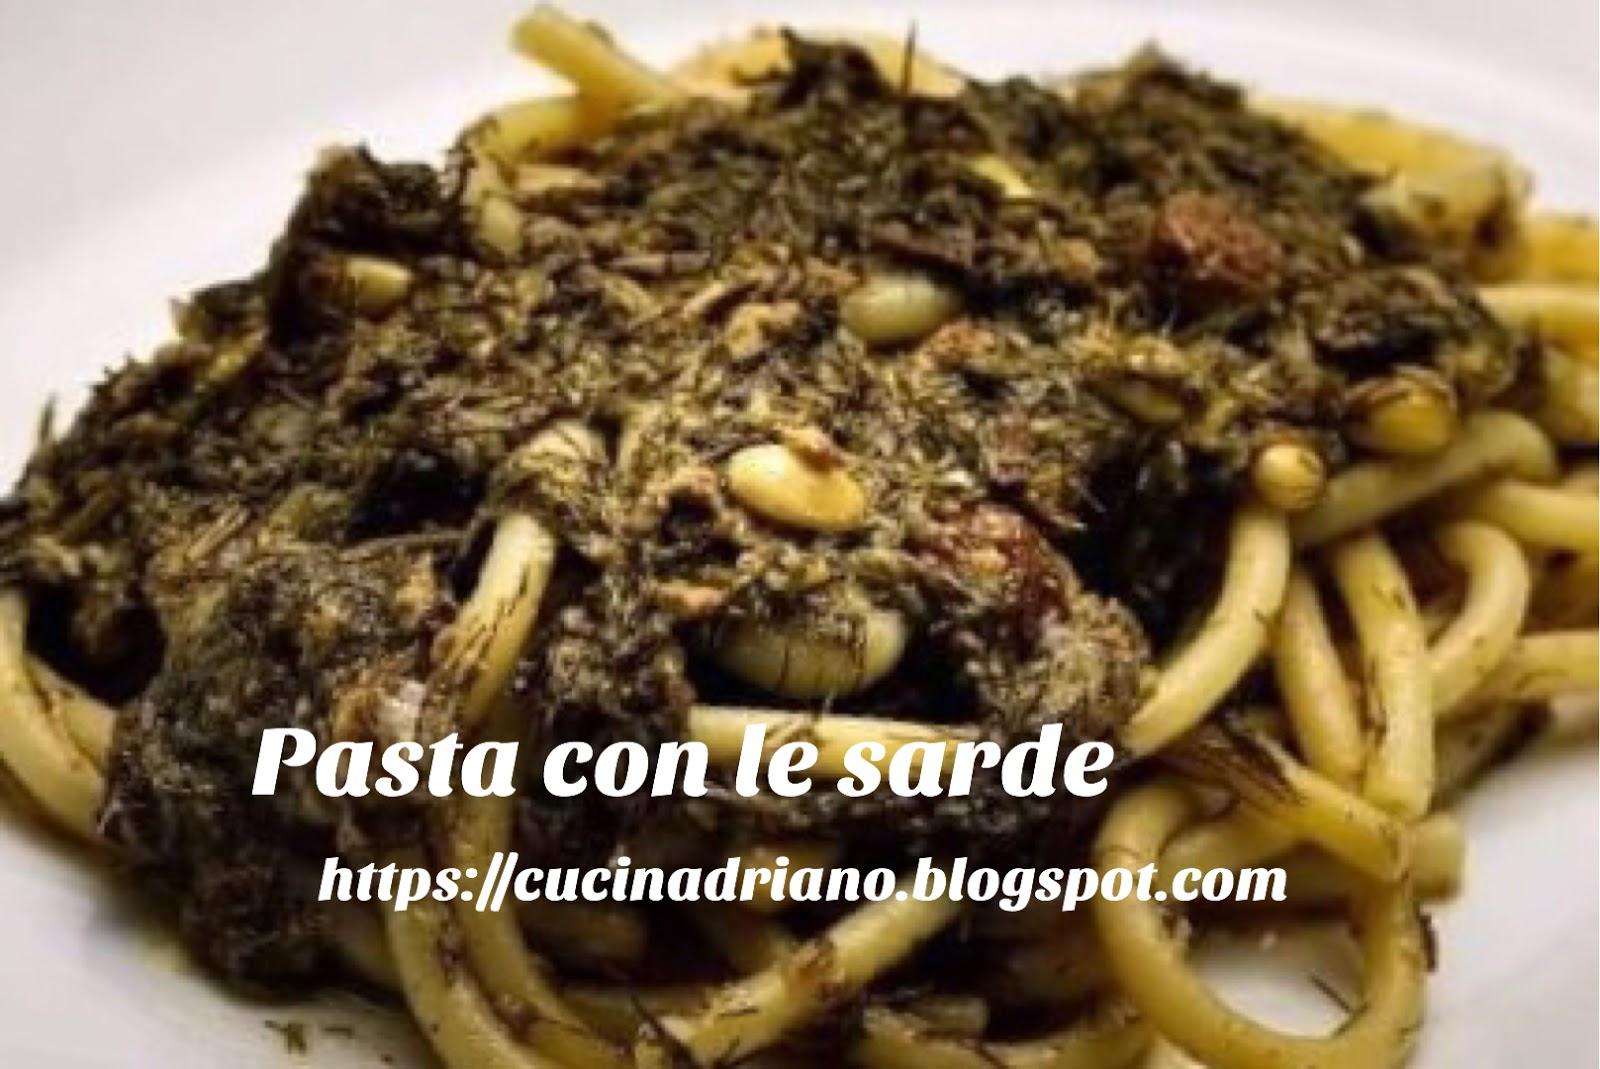 22-Quart Casseruola Forno Auto-farcire COPERCHIO CUCINA CASA Cucinare TACCHINO Cuochi Alimentari